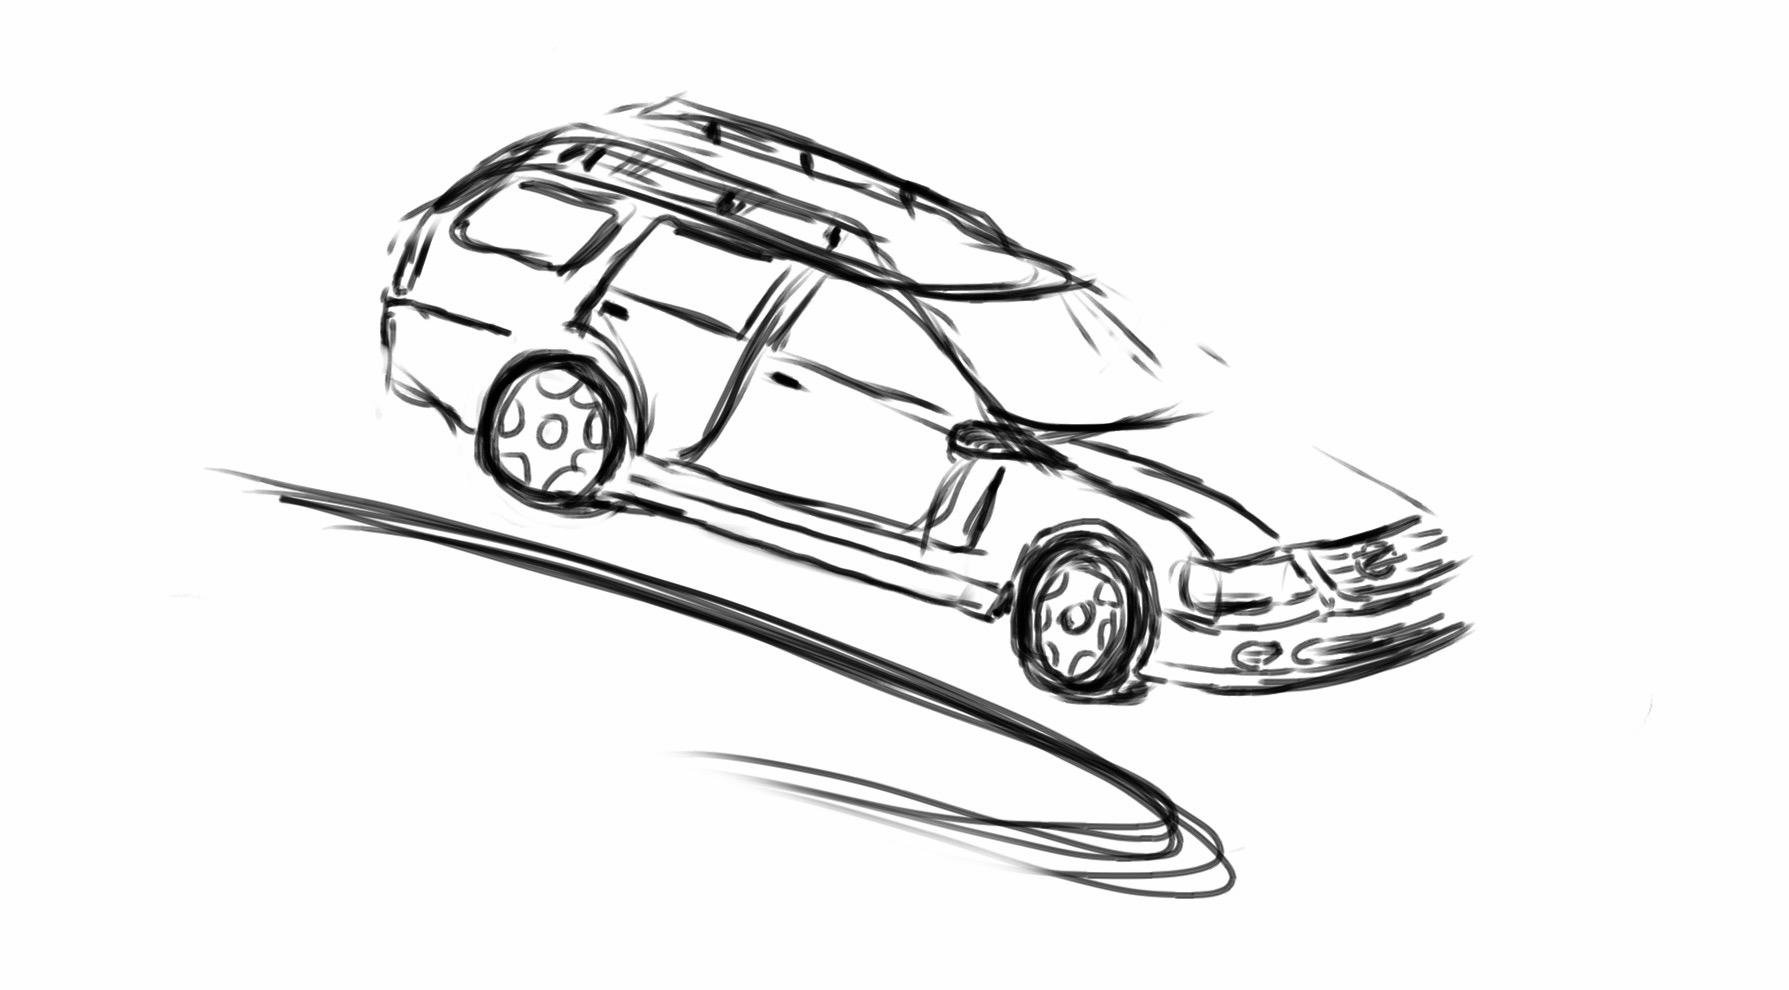 Wer fährt eigentlich… Opel Vectra?